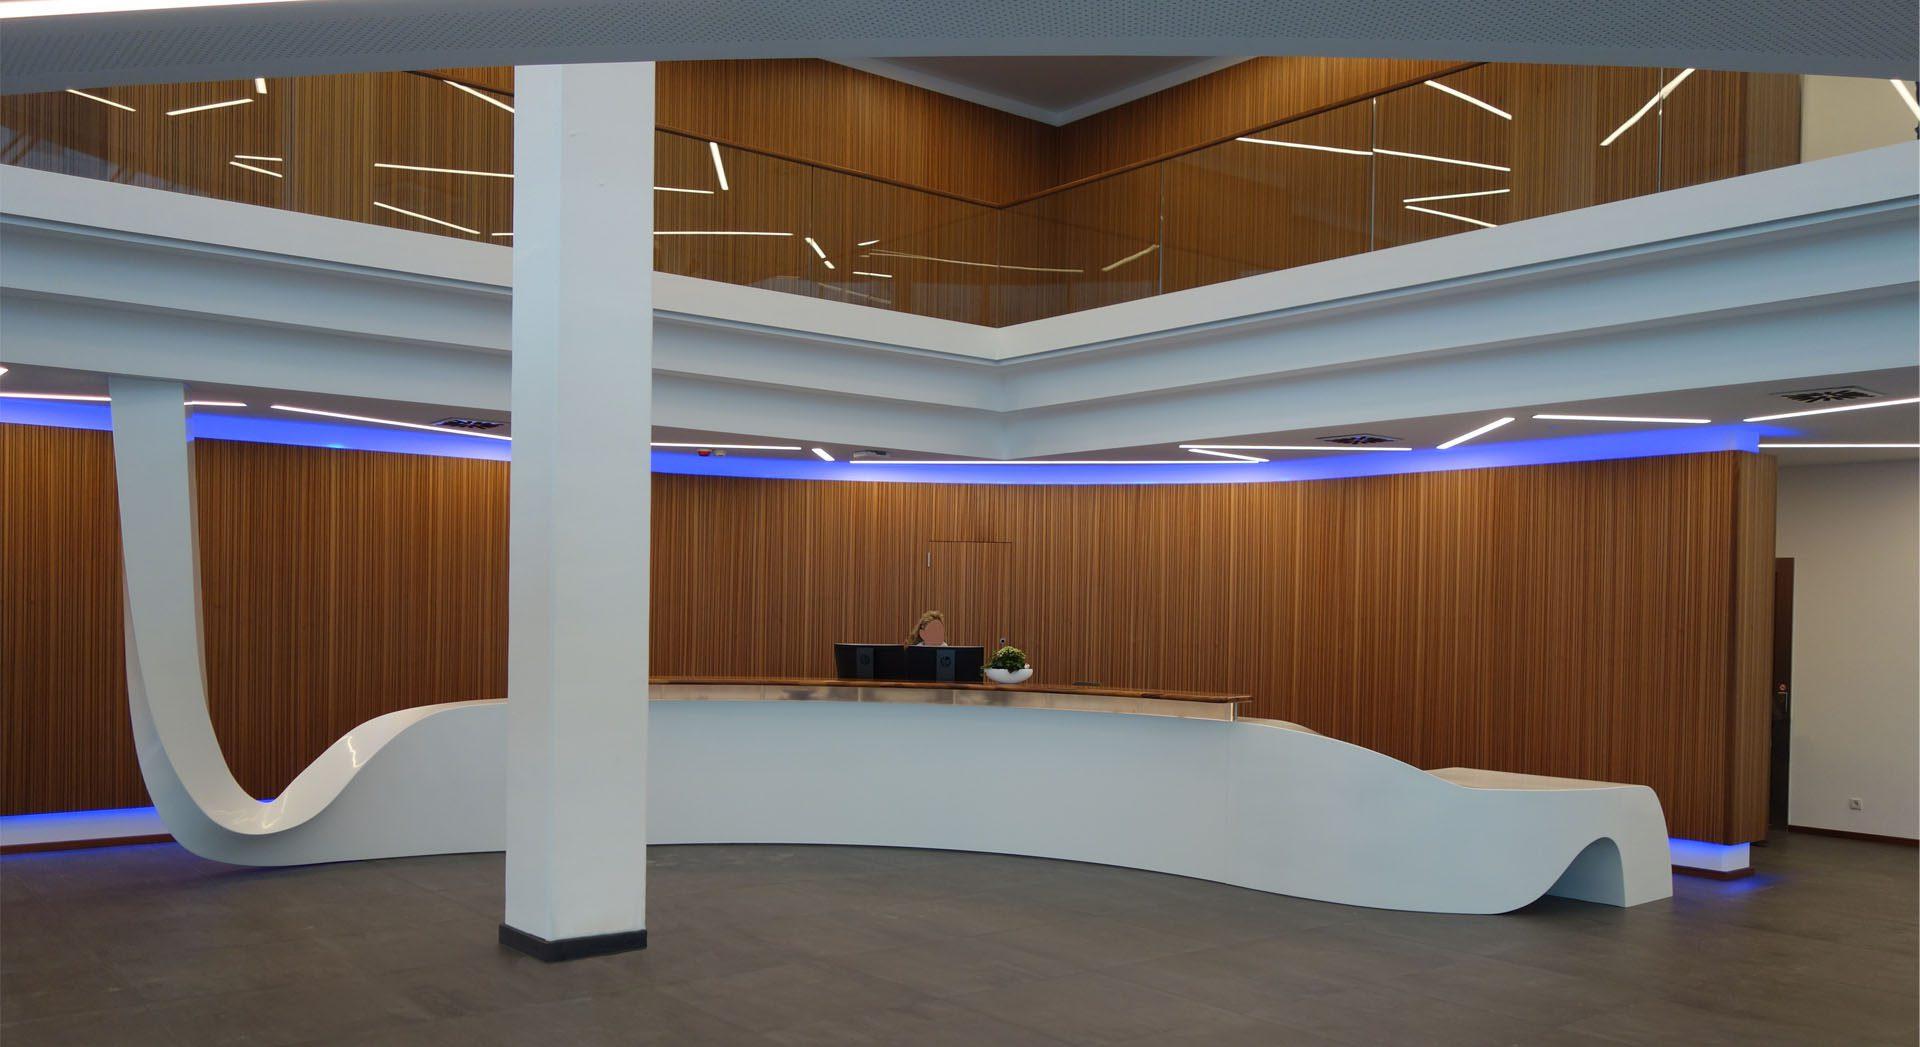 Gewerbearchitektur; Architektur; Innenarchitektur; Veranstaltung; Lichtkonzept; Tagung; Meyer Werft; Empfang; Lobby; Entreé; Theke; Tresen; Lobby; Rezeption; Möbeldesign;